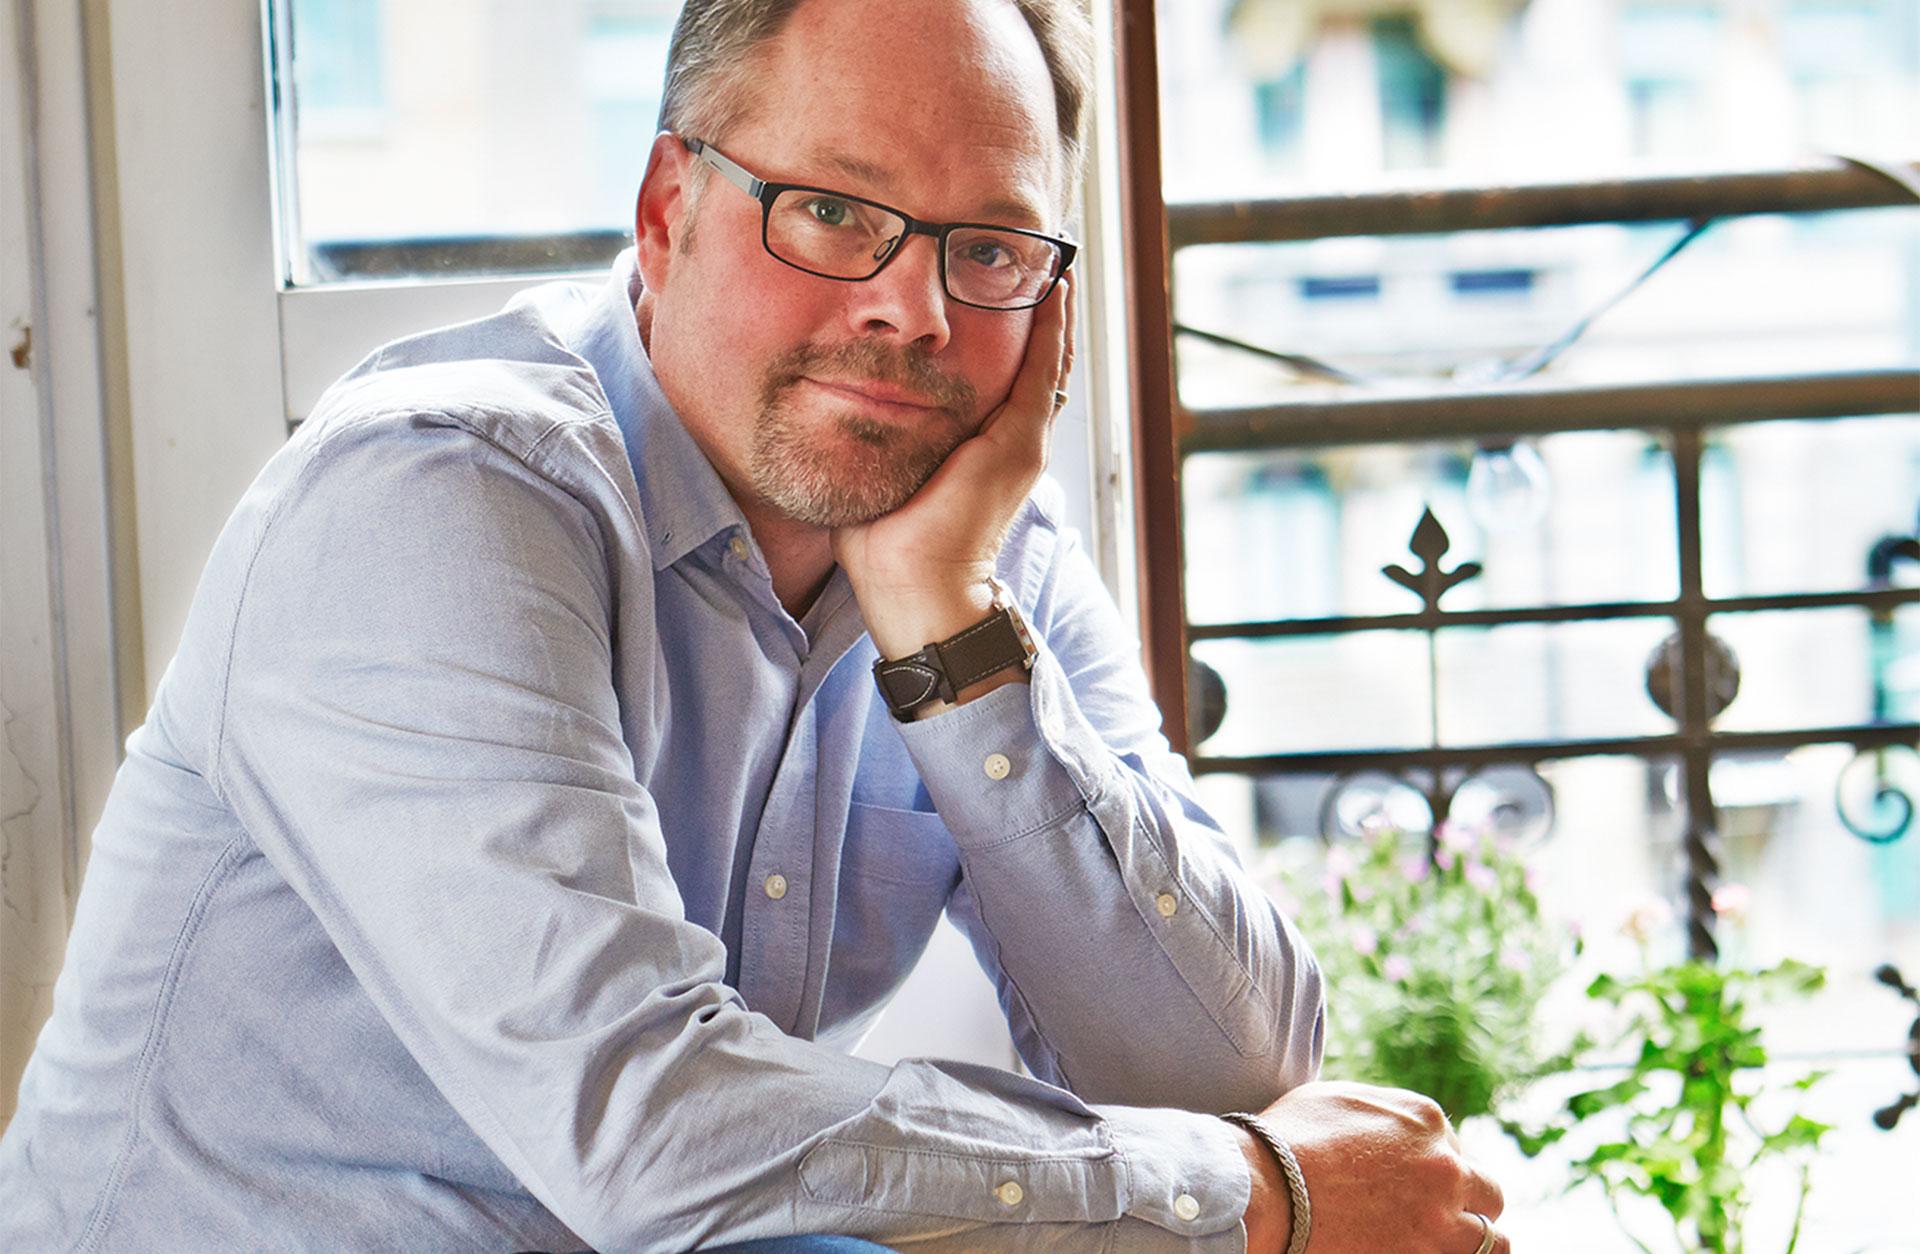 Sittande man i skjorta och glasögon